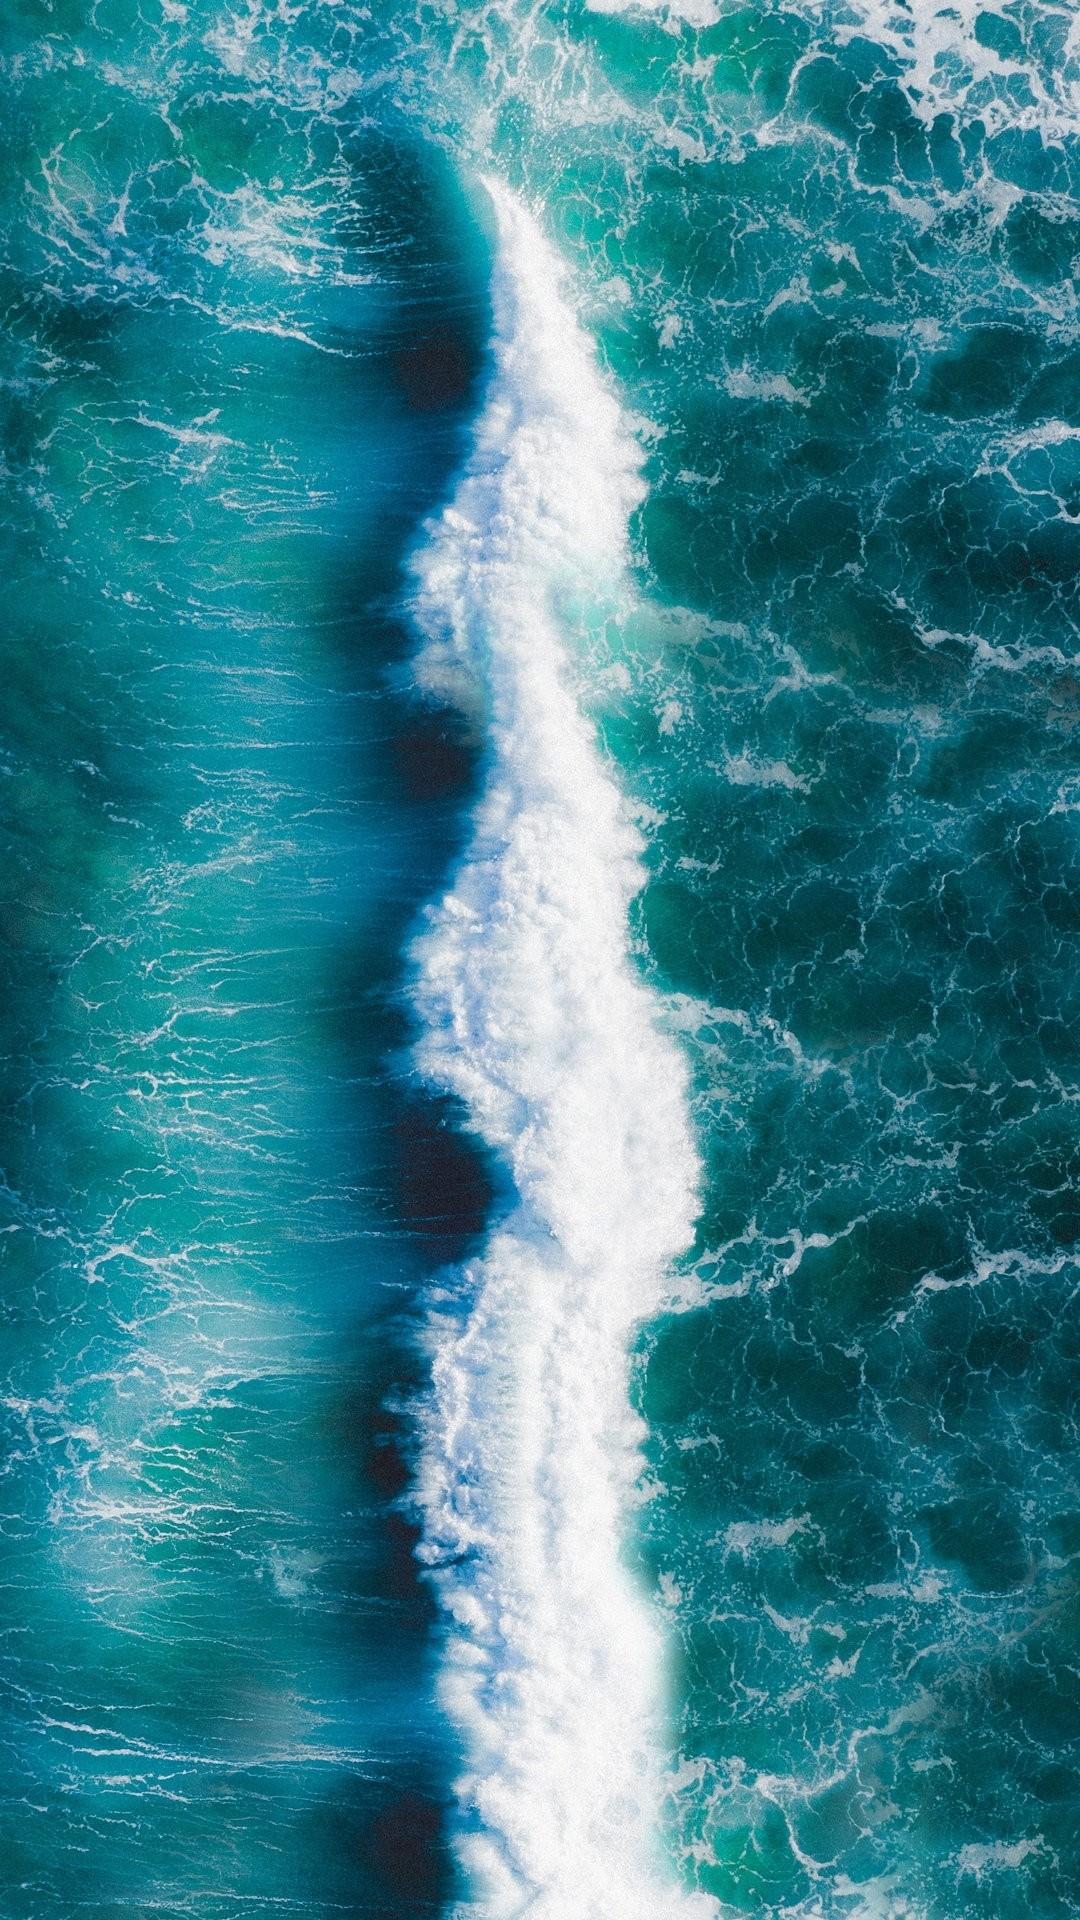 Ocean screensaver wallpaper